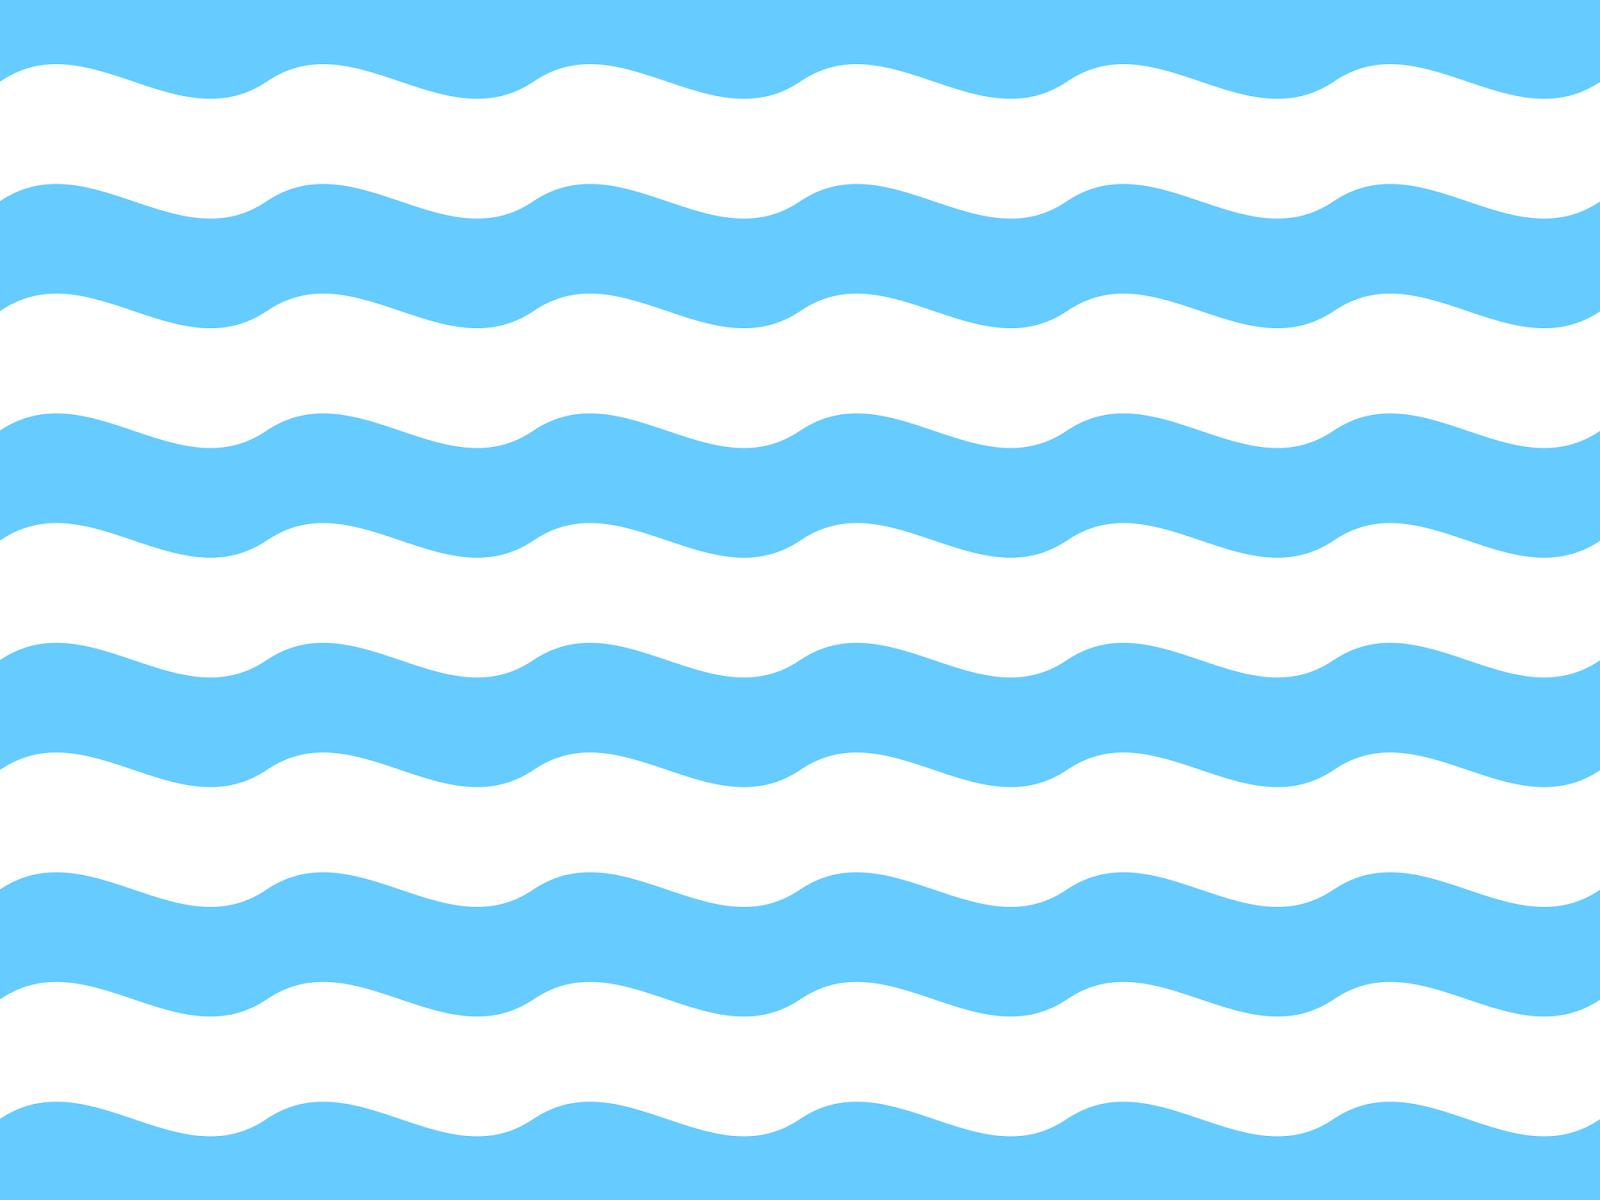 Ocean wave clipart 2